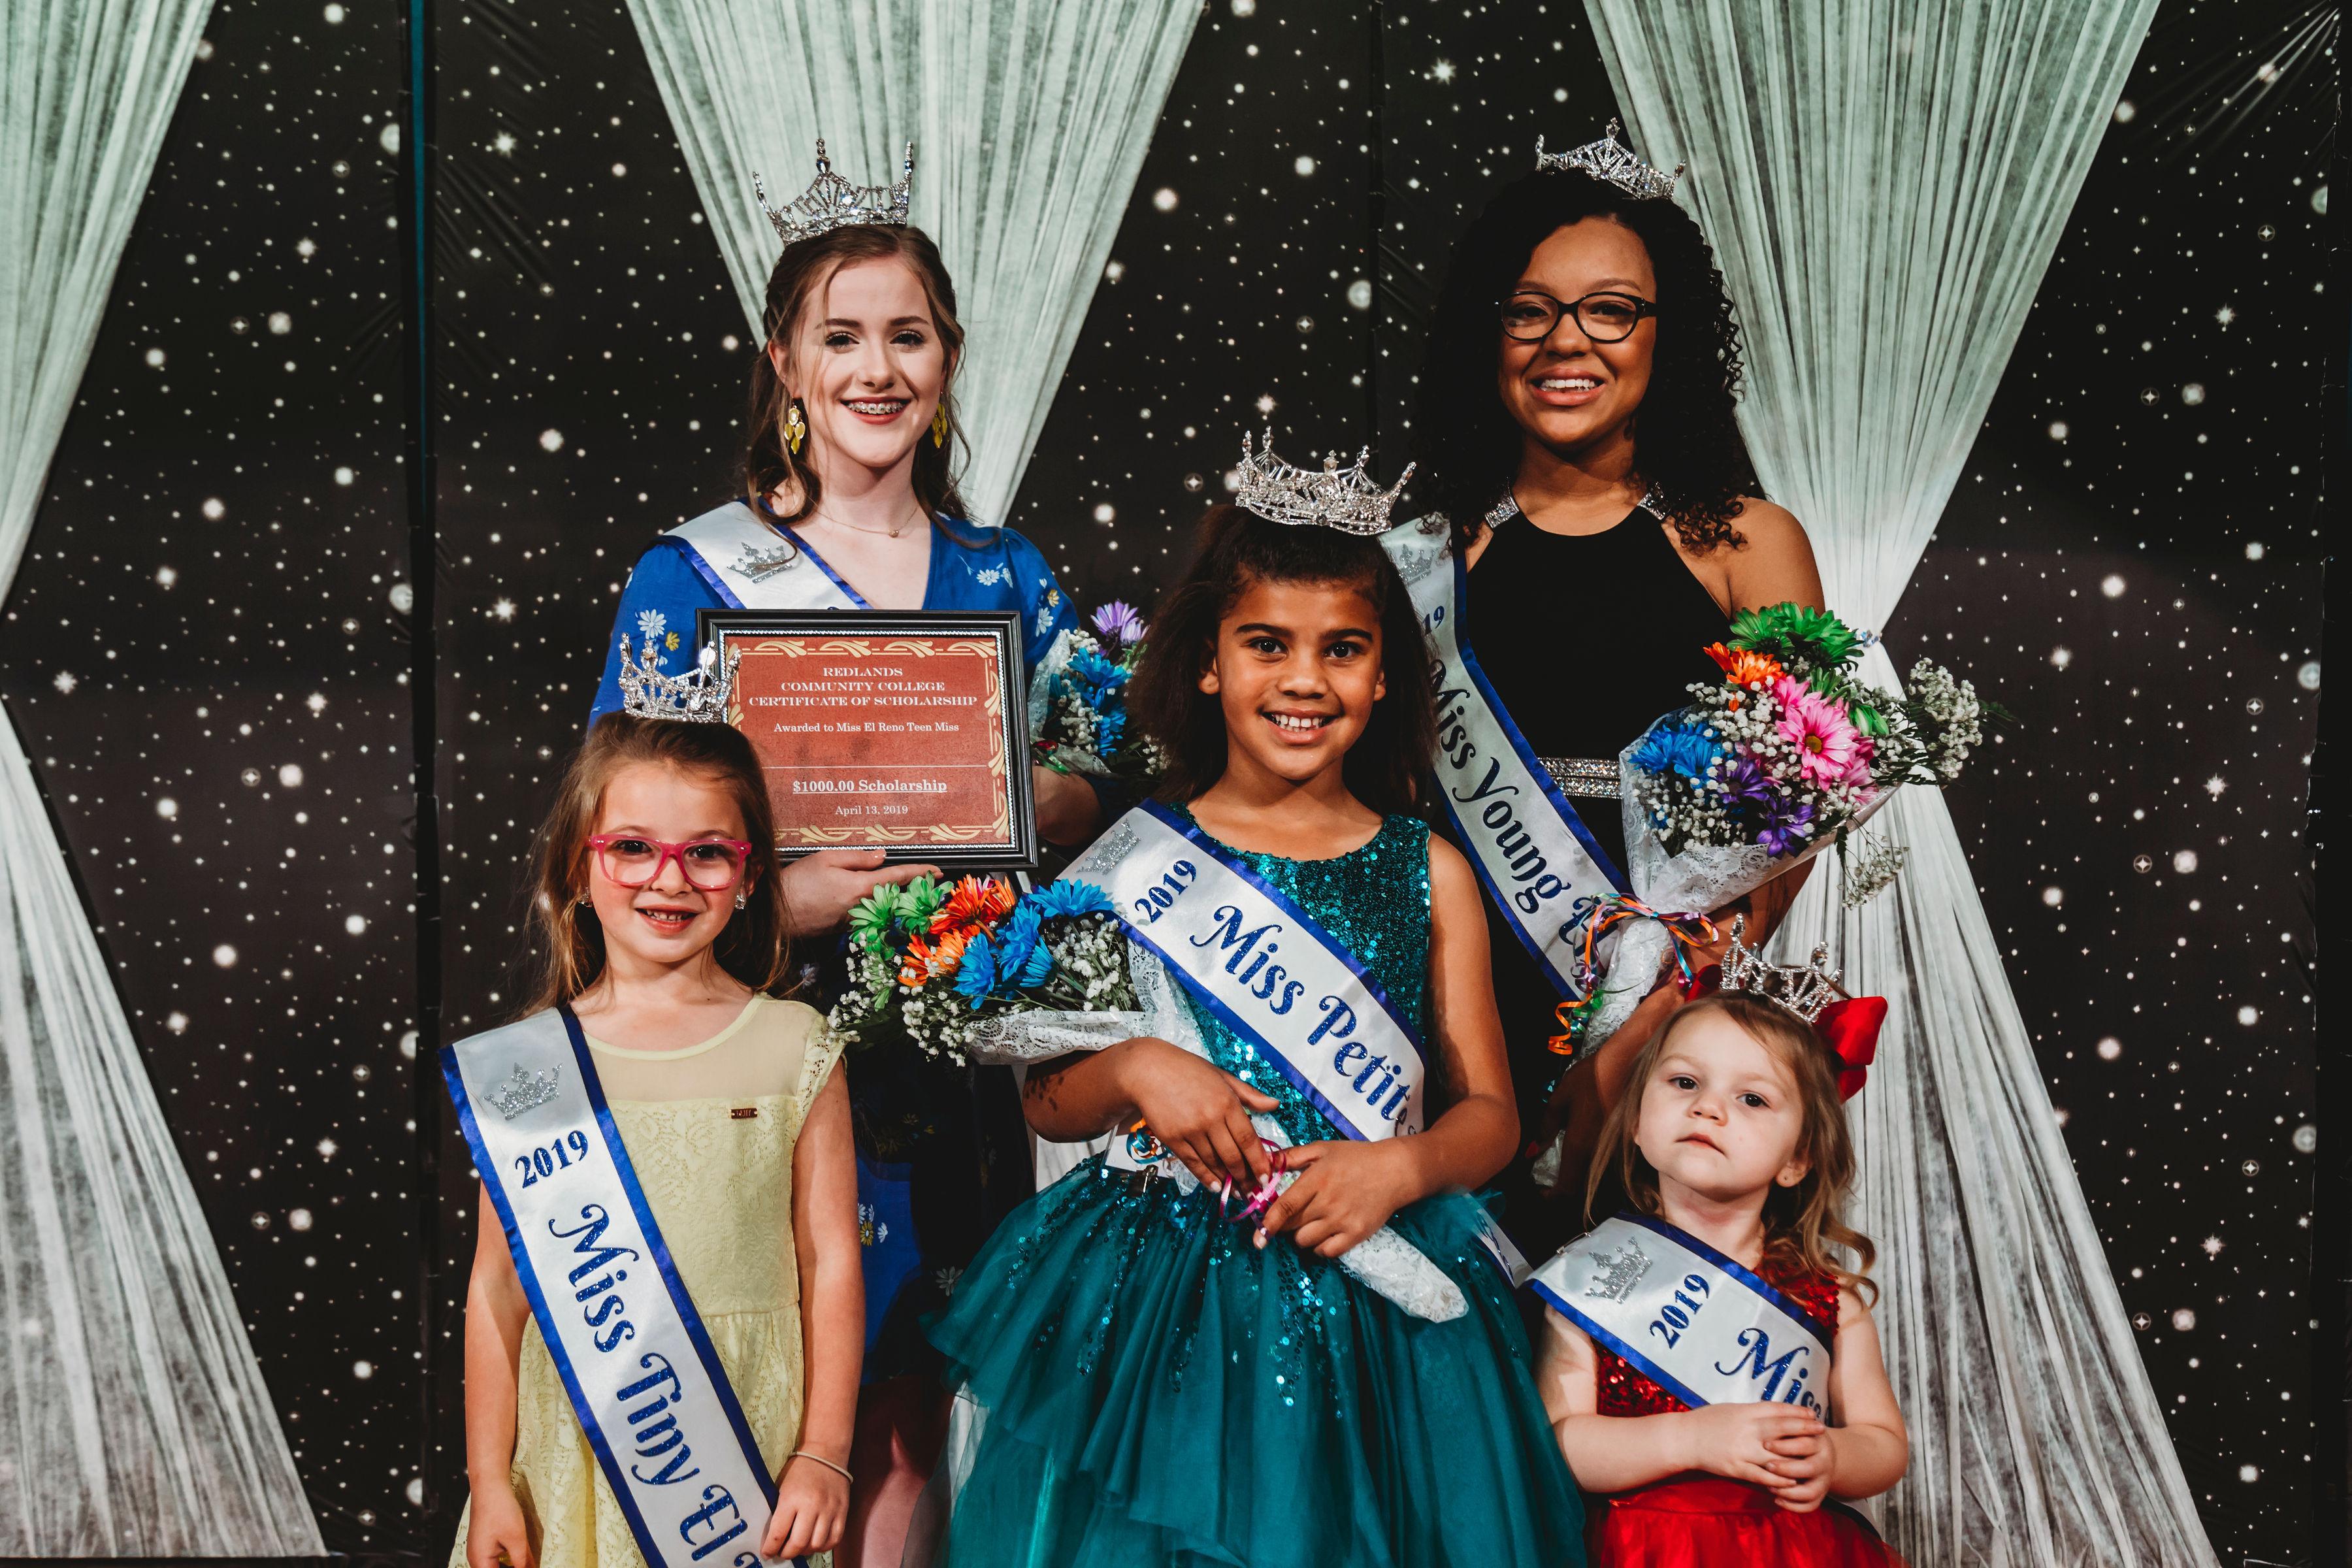 2019 Miss El Reno Titleholders